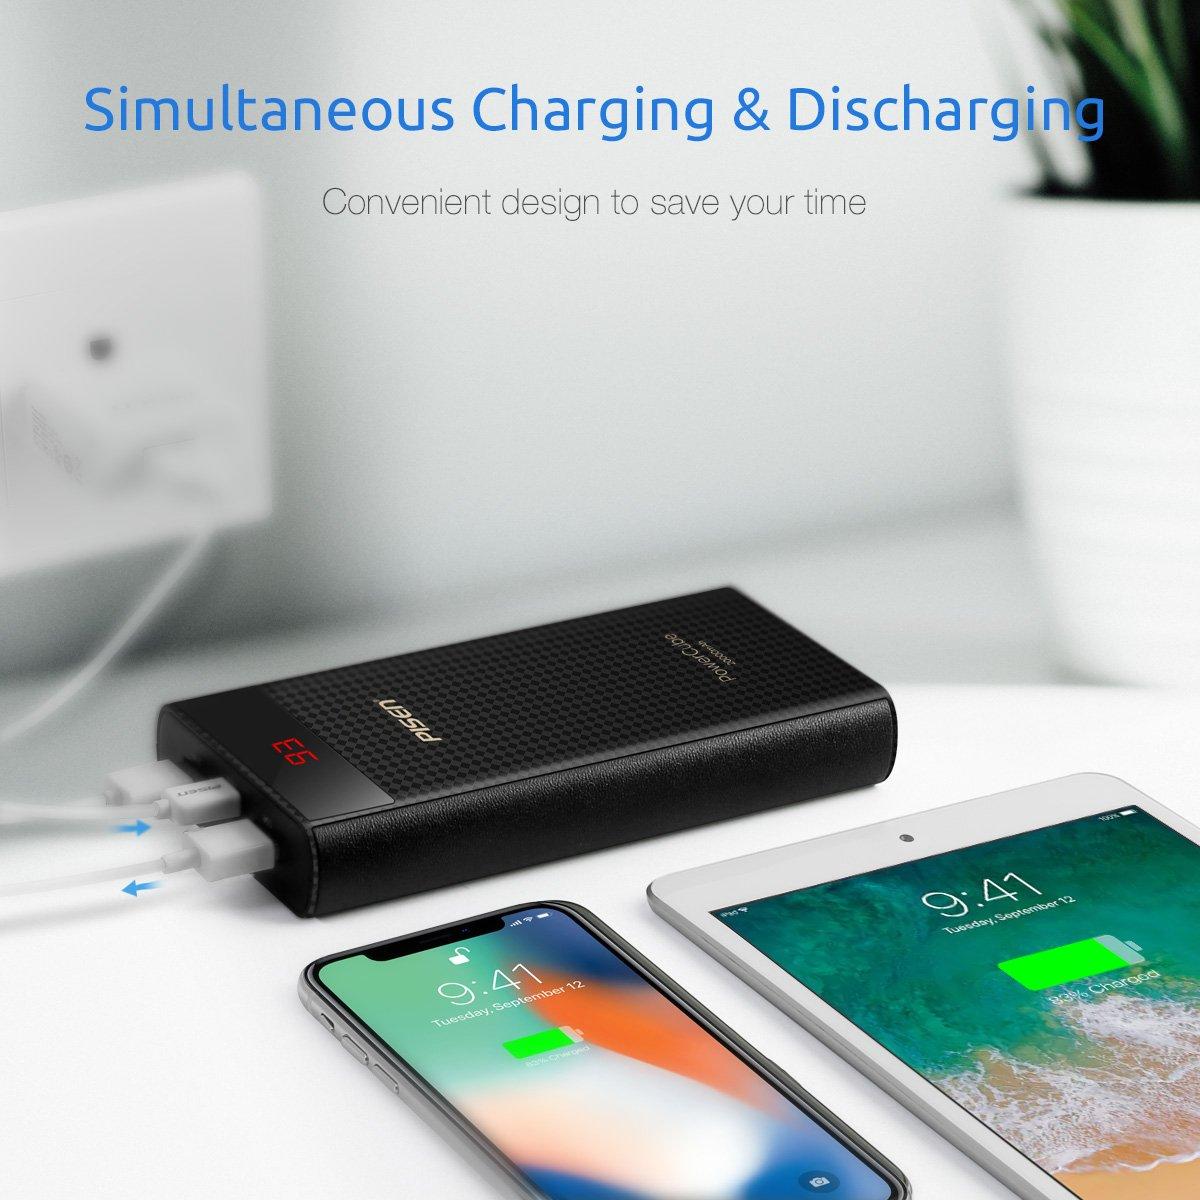 PISEN Batterie Externe 20000mAh USB C   Micro LED Affichage Chargeur Entrée  Portable 2 USB Sortie Power Bank Charger Rapide Haute Capacité Batterie de  ... e43f4800ada